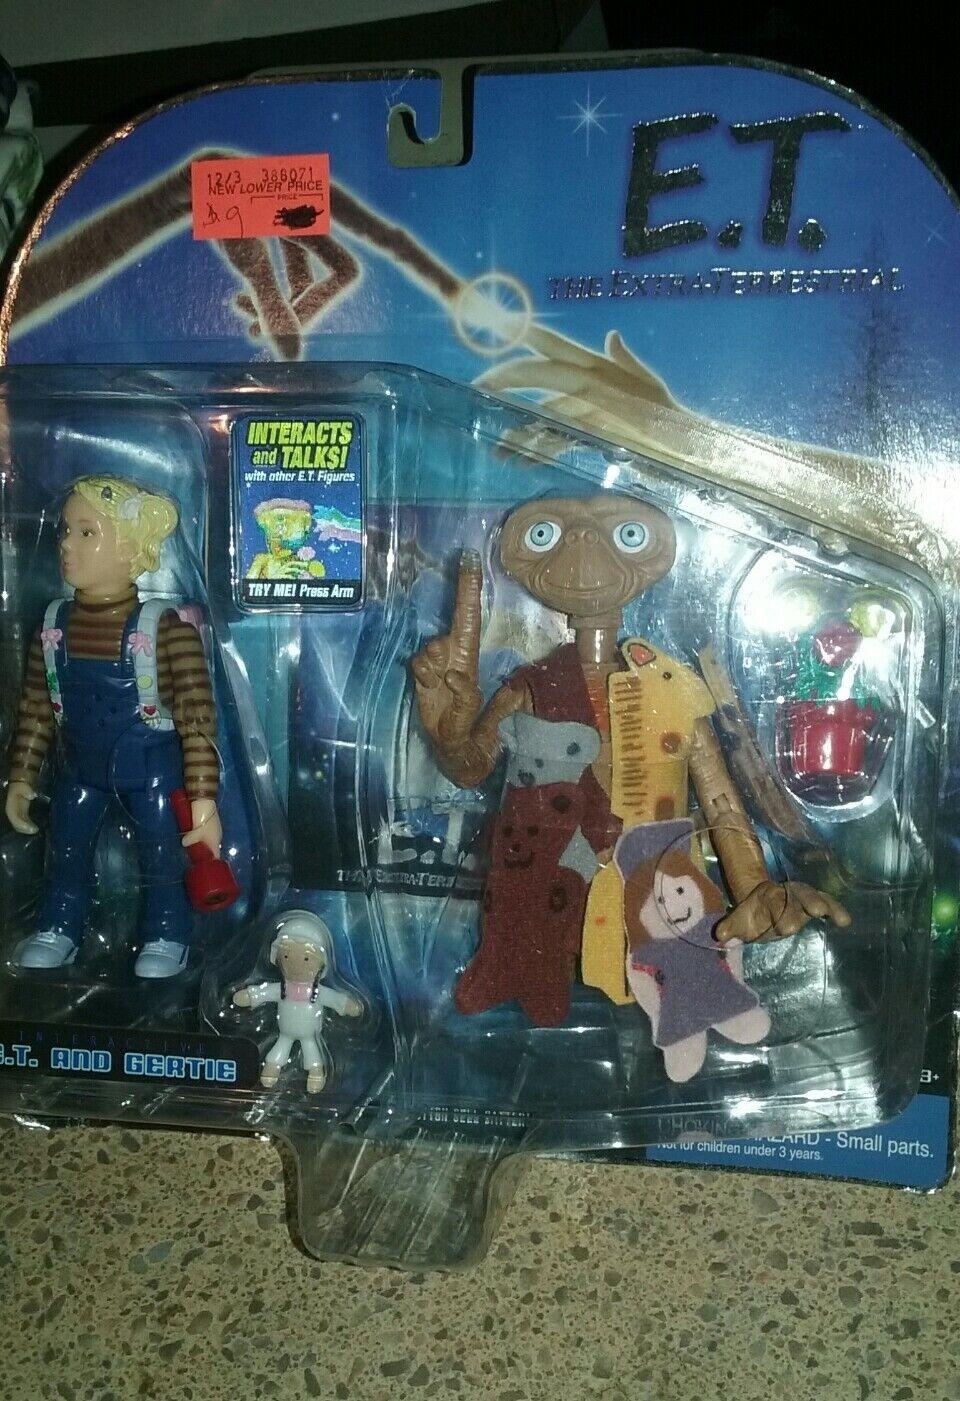 NY 2001 E.T. DET EXTRA -TERRESTRIELLA INTERAKTIVA leksak E.T. OCH GERTIE - HANDLINGSFAKTURET